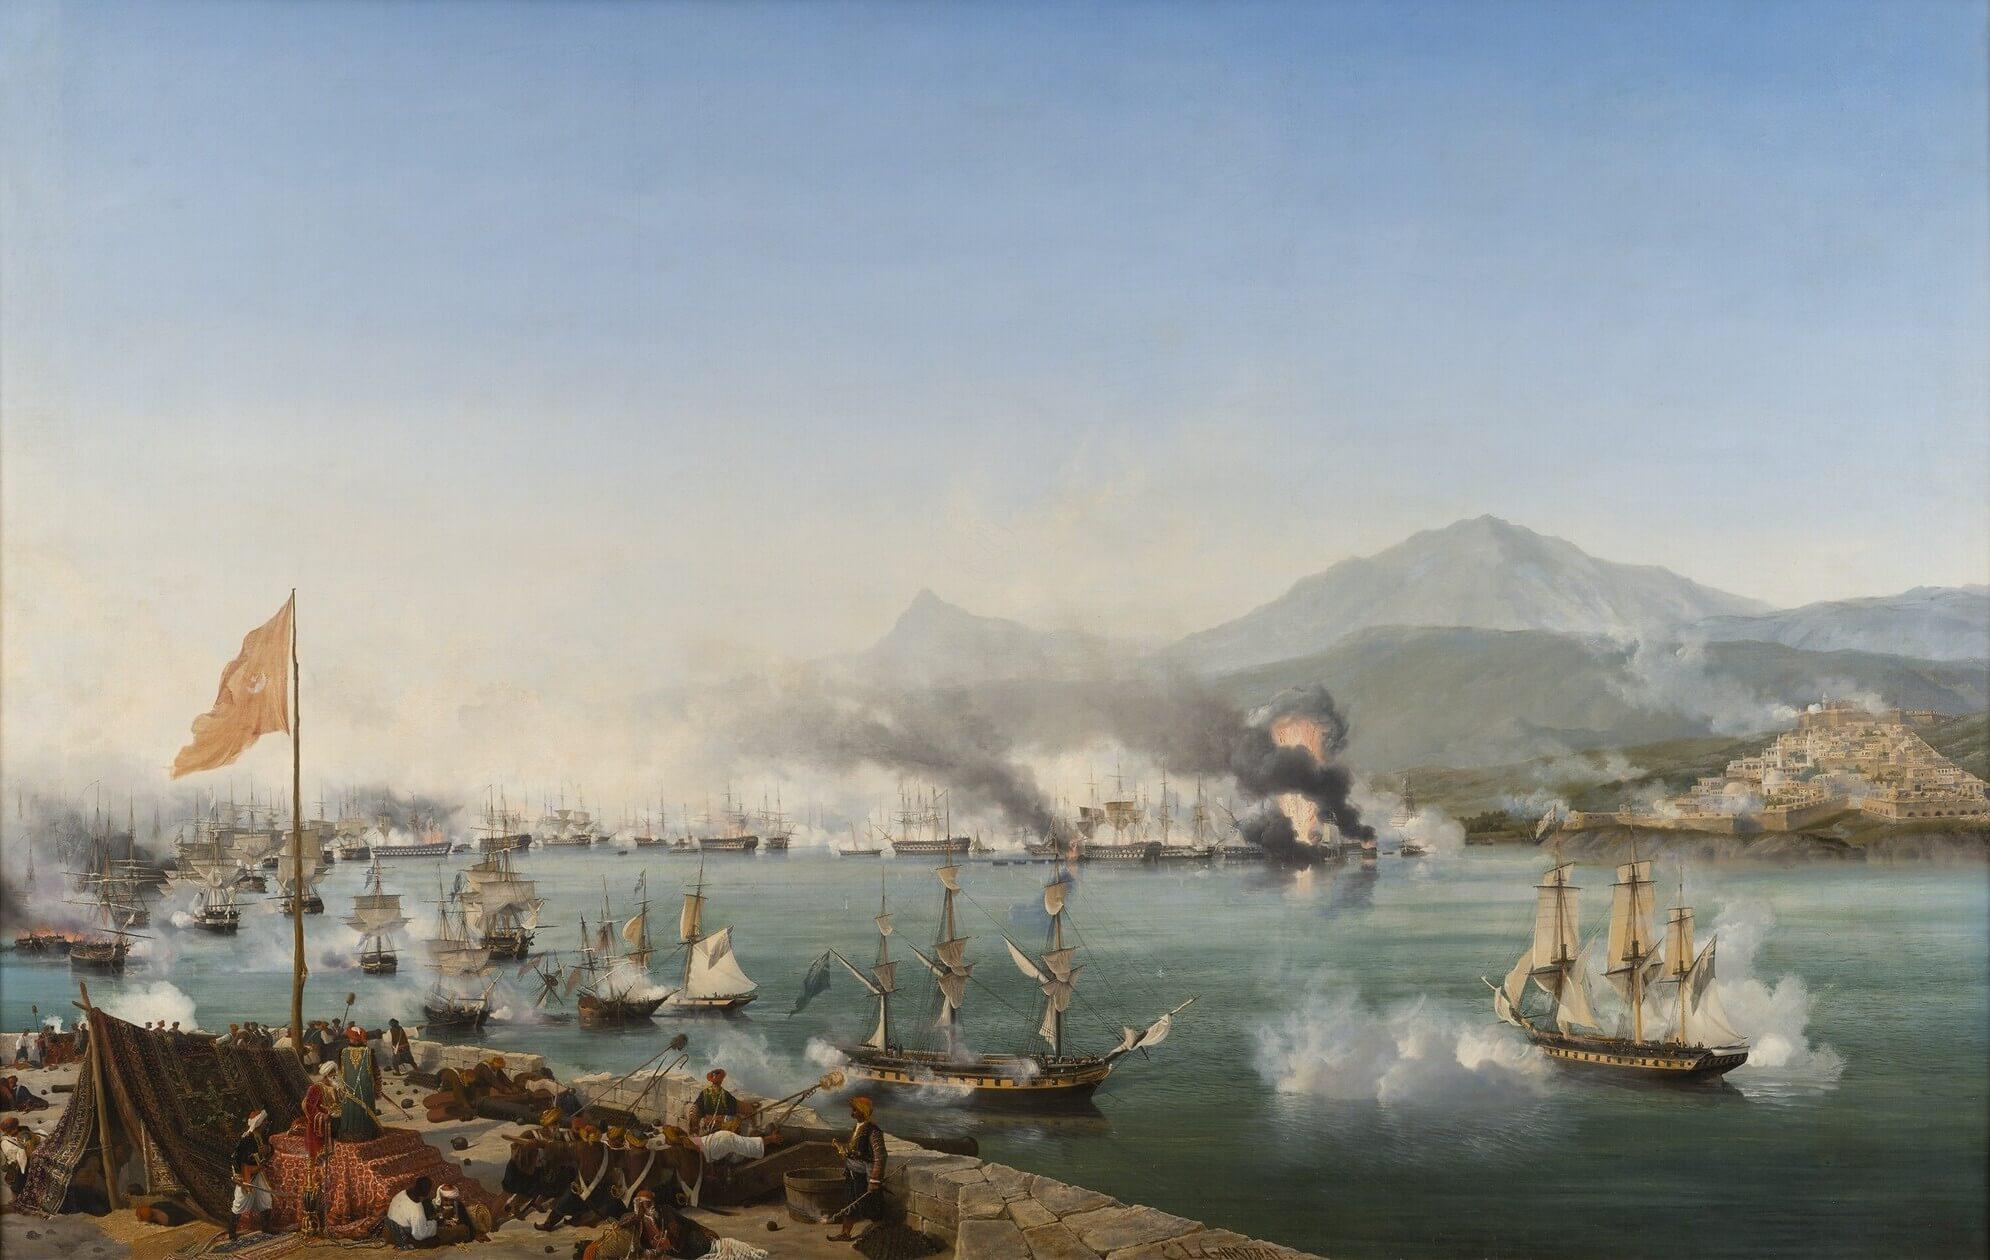 20 октября 1827 года – Наваринское морское сражение